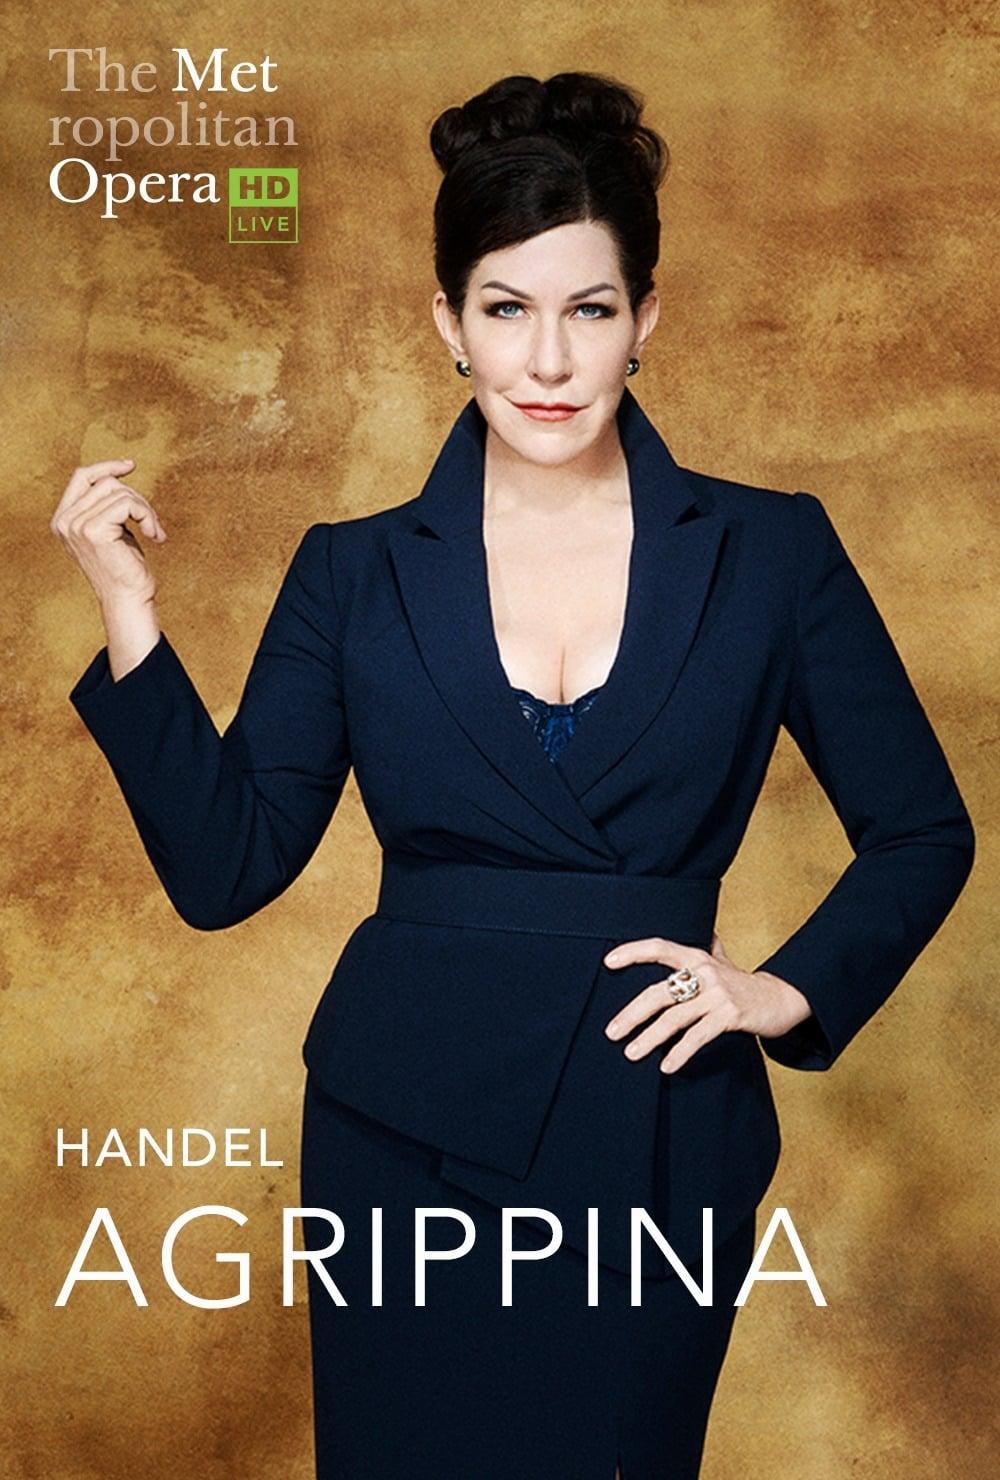 The Metropolitan Opera: Agrippina